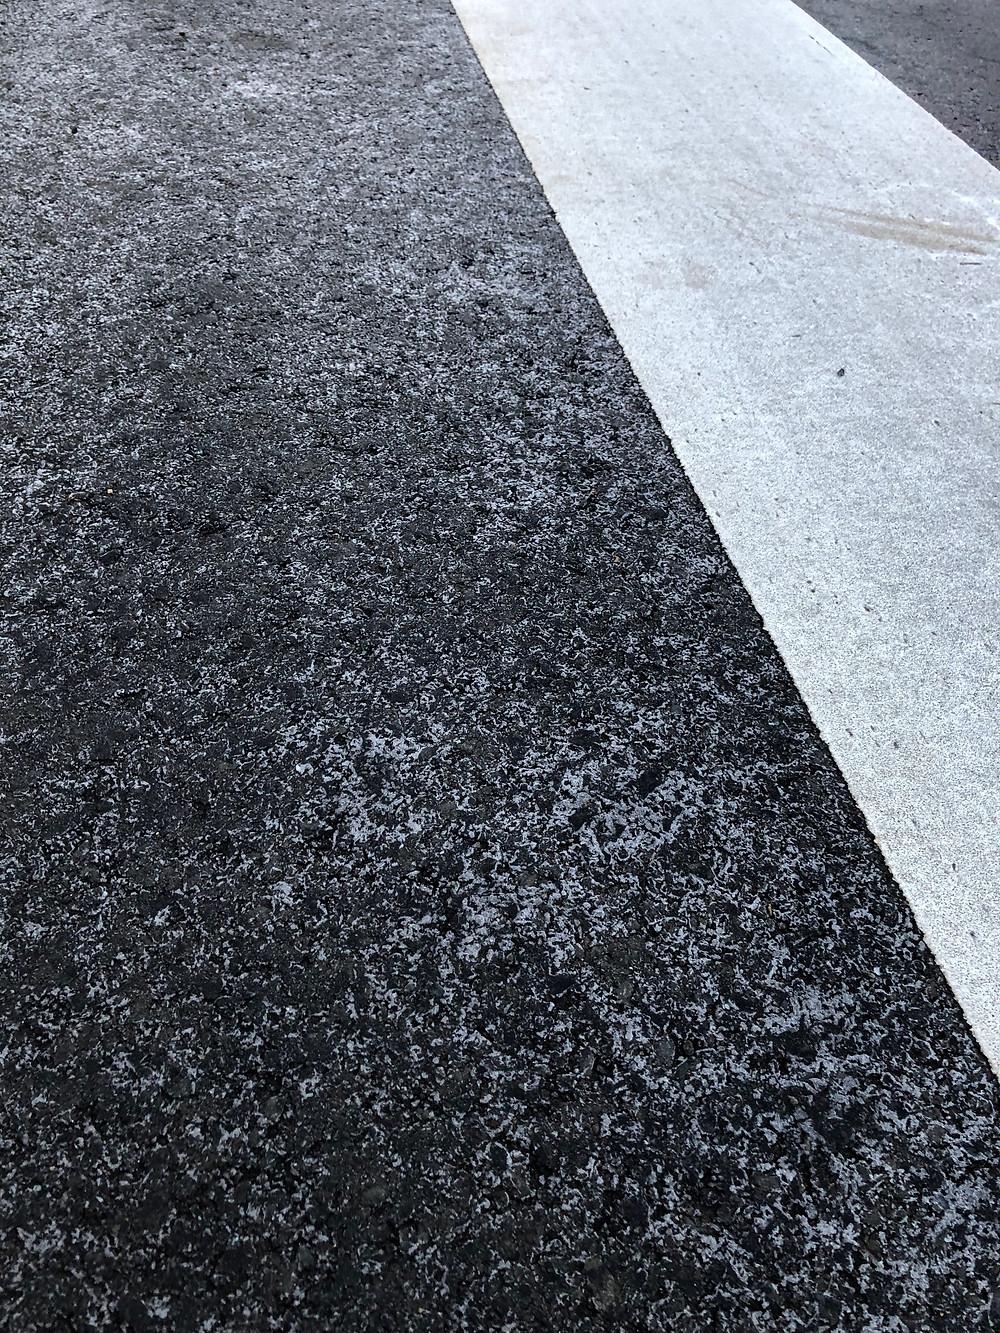 多摩市多摩センターの整体院身体均整堂からだやの路面凍結